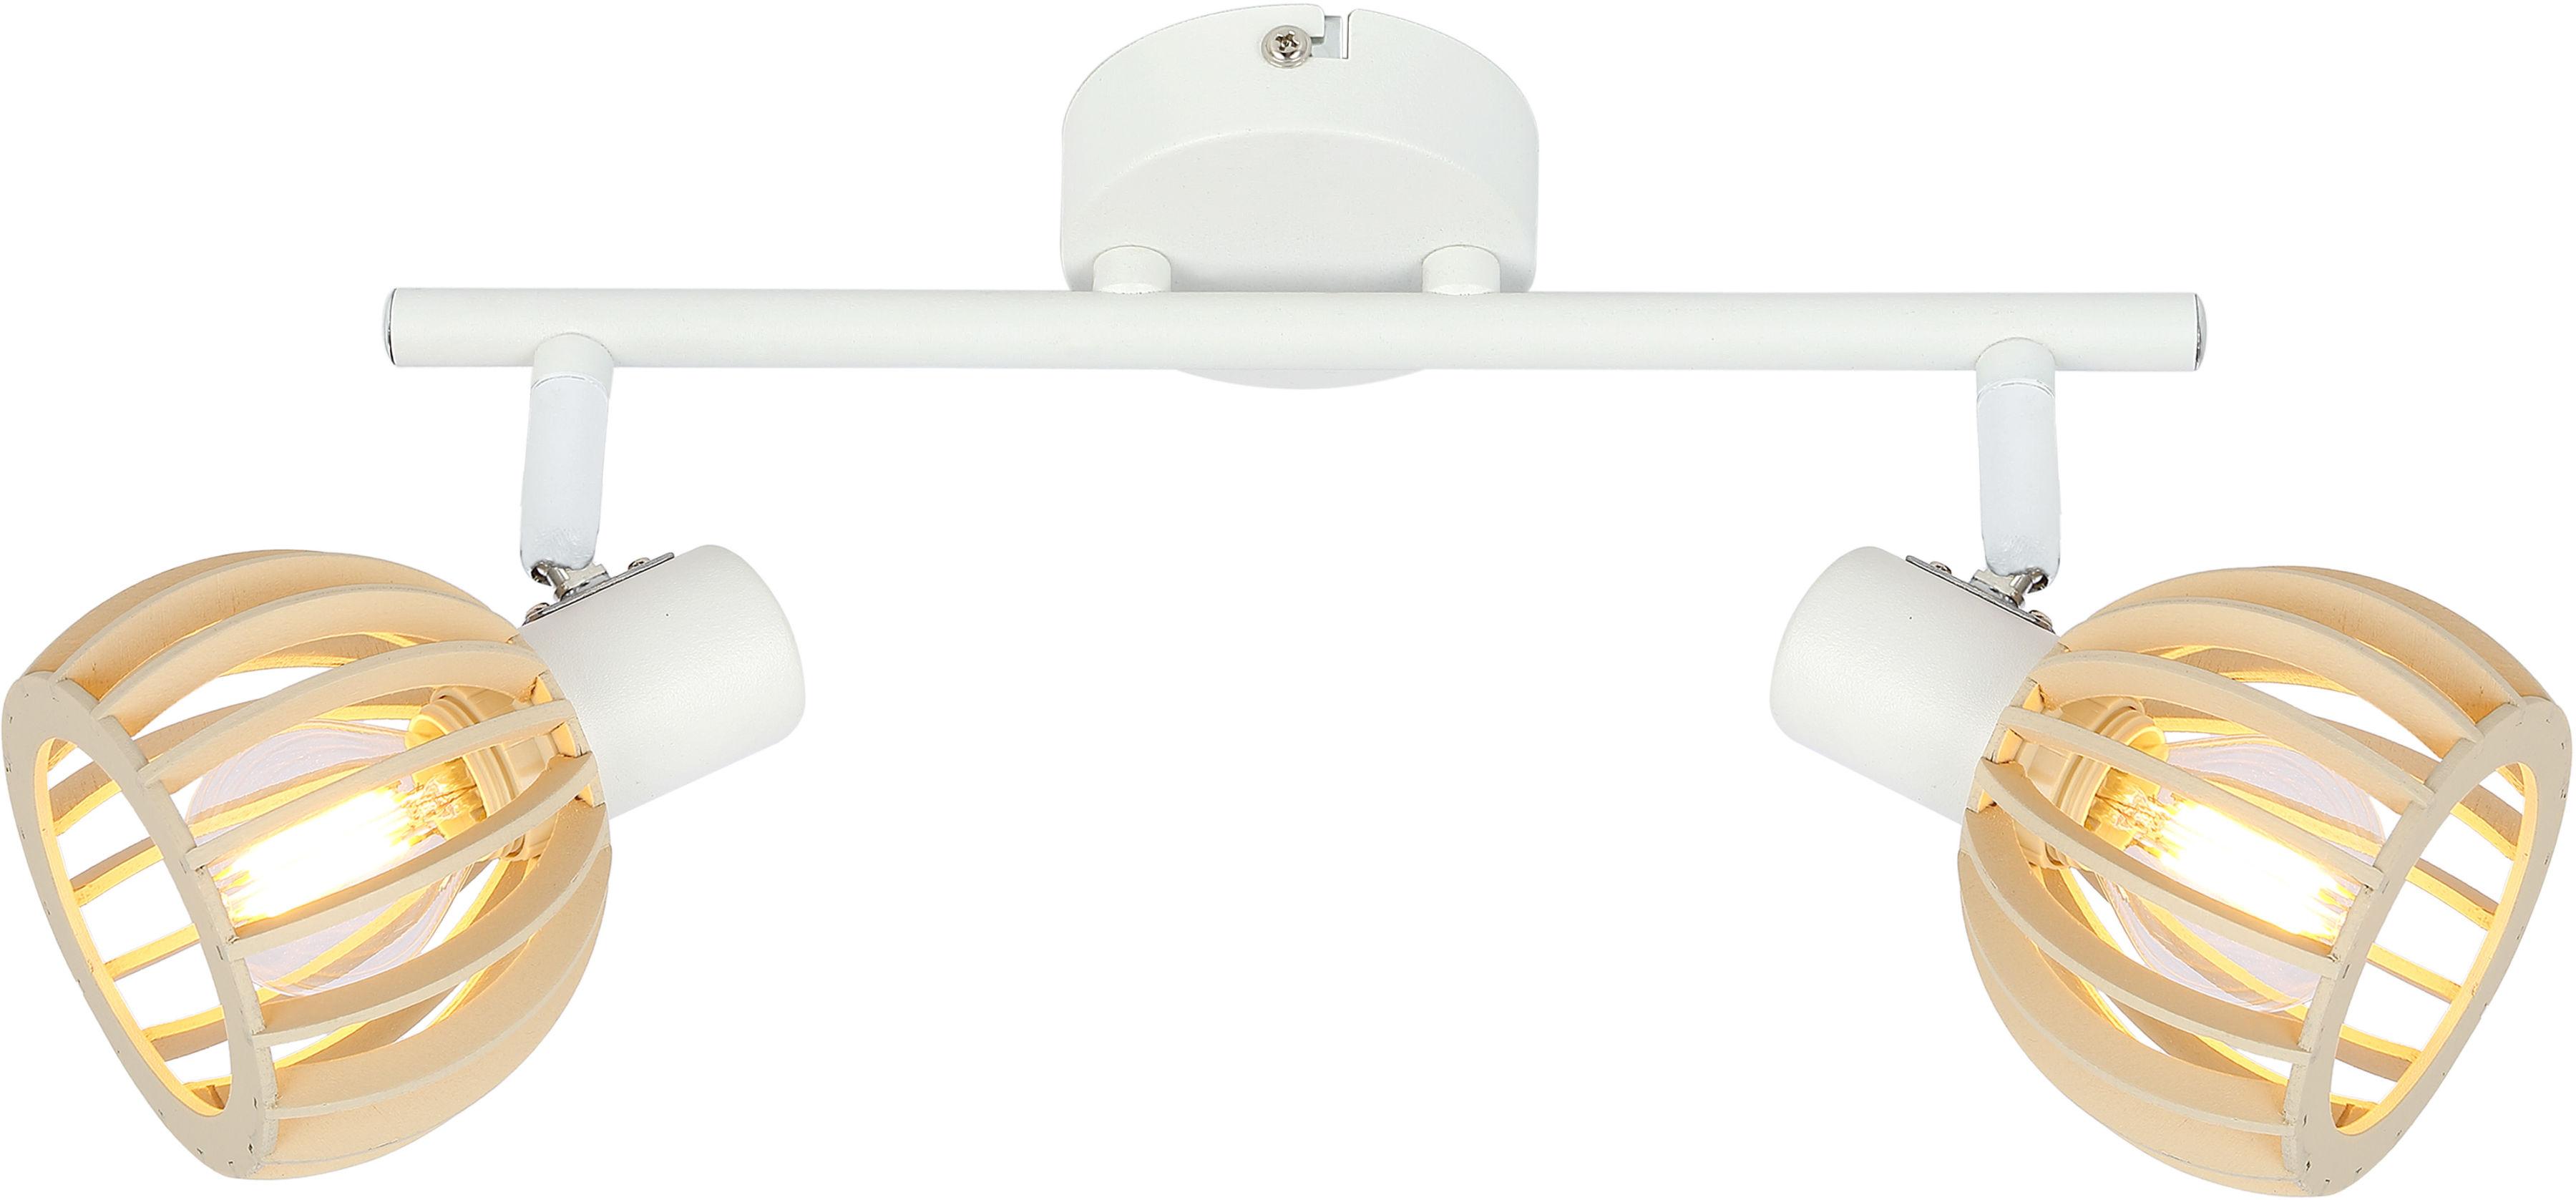 Candellux ATARRI 92-68088 oprawa oświetleniowa biała 2X25W E14 regulacja klosza drewno 43cm